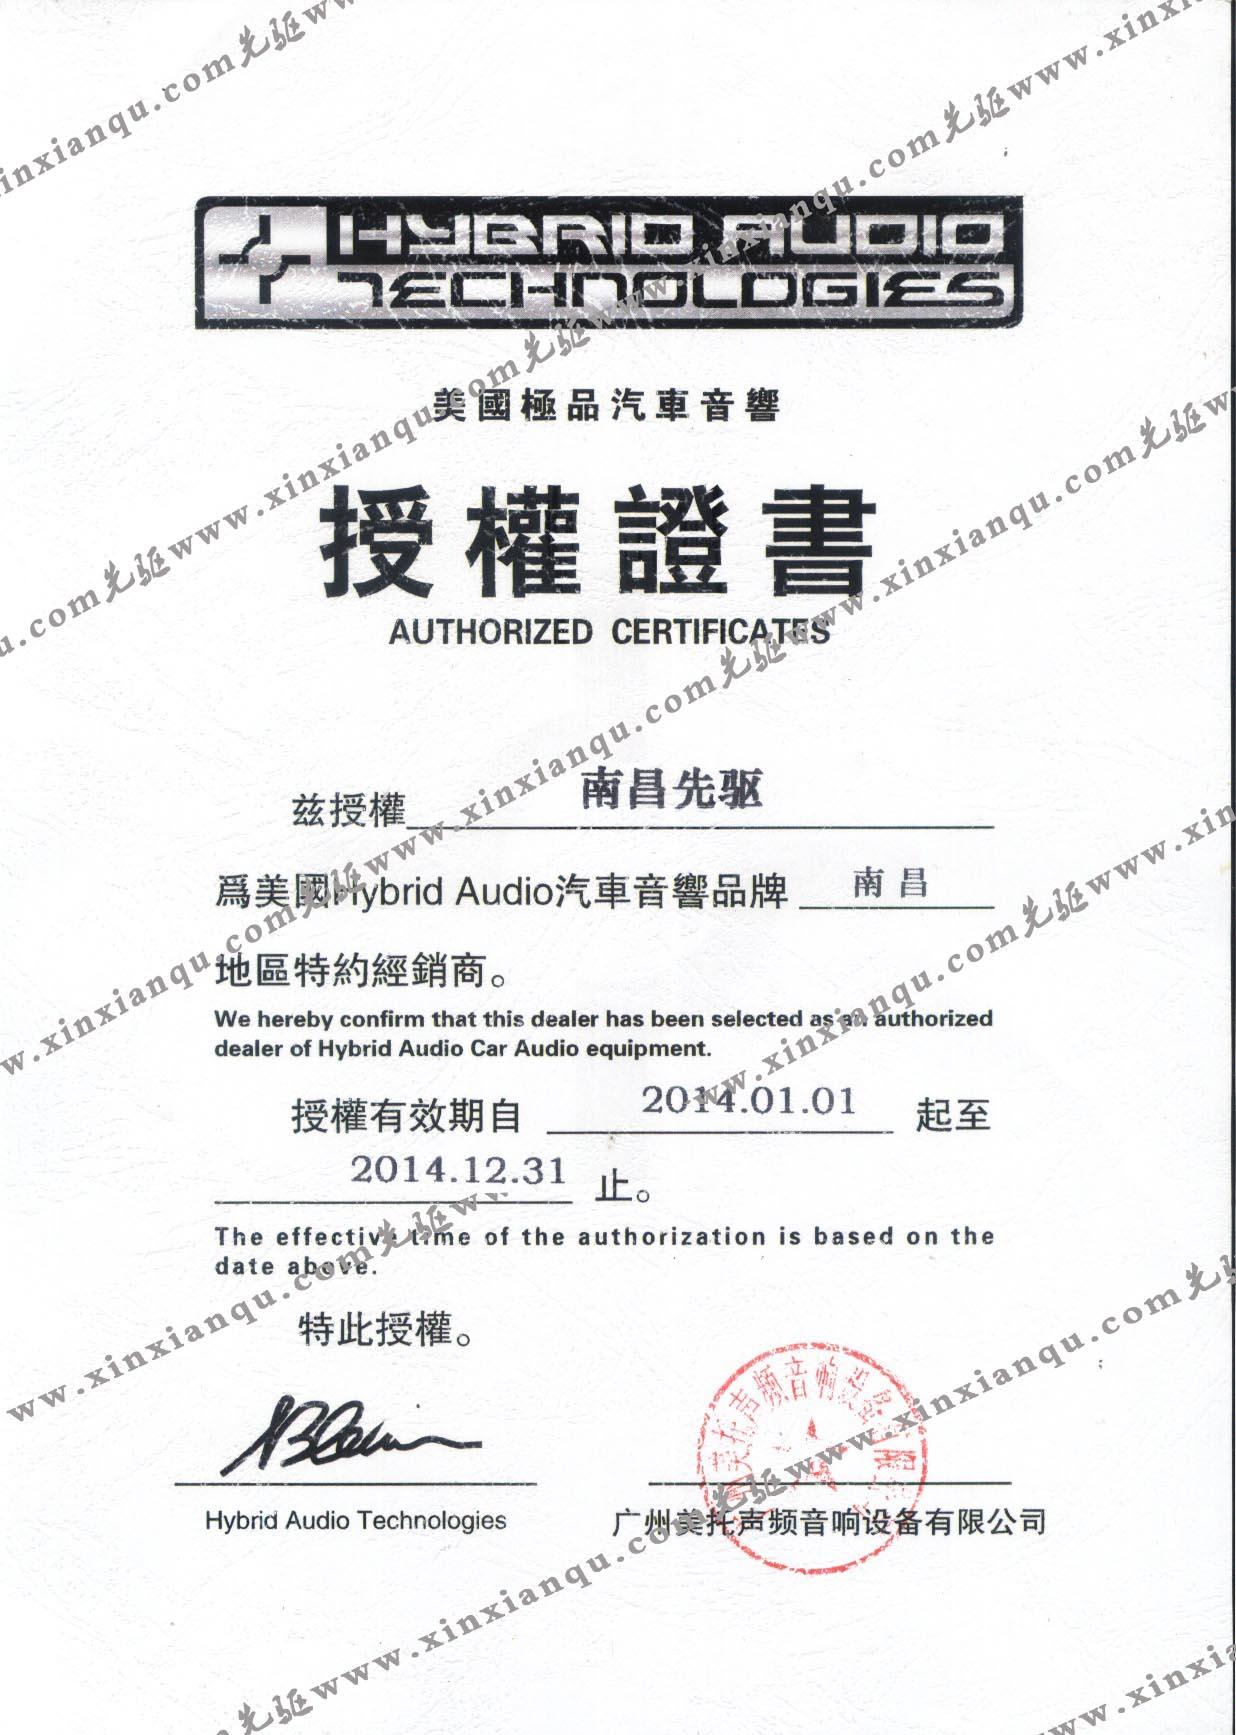 美国HybridAudio汽车音响授权证书